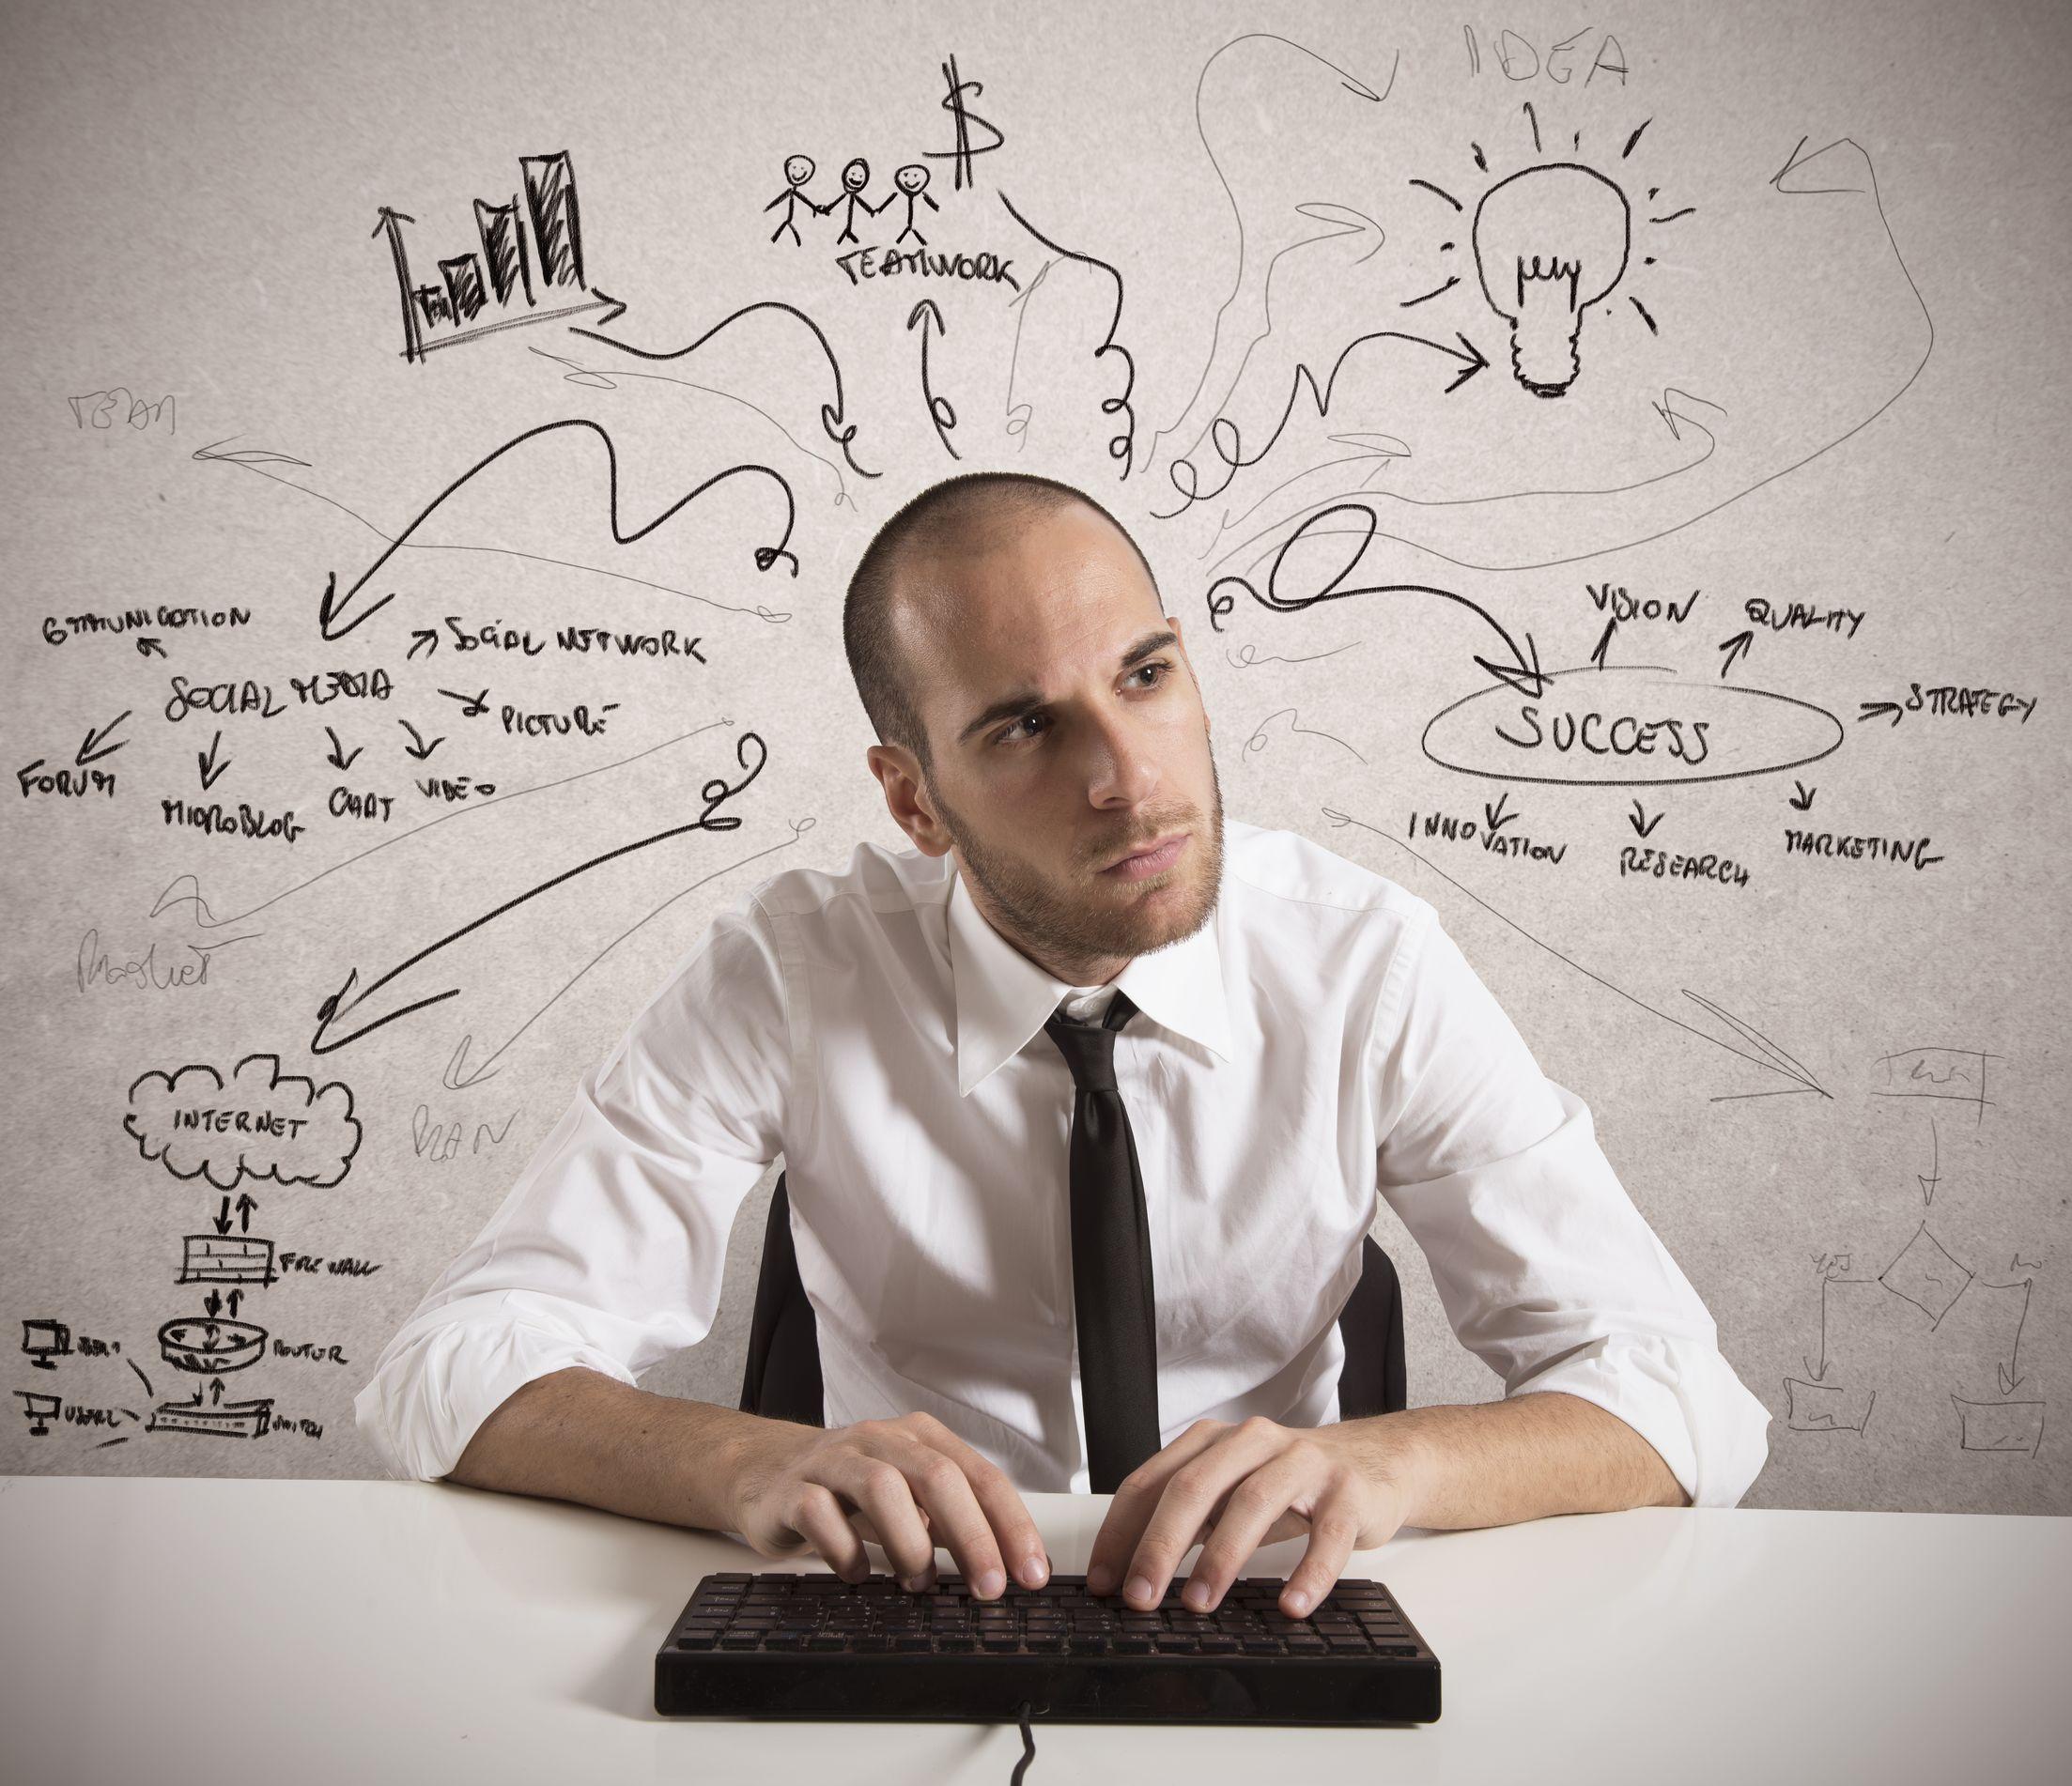 Homem de negócios escrevendo no teclado de um computador. Ao fundo, desenhos representando suas ideias.